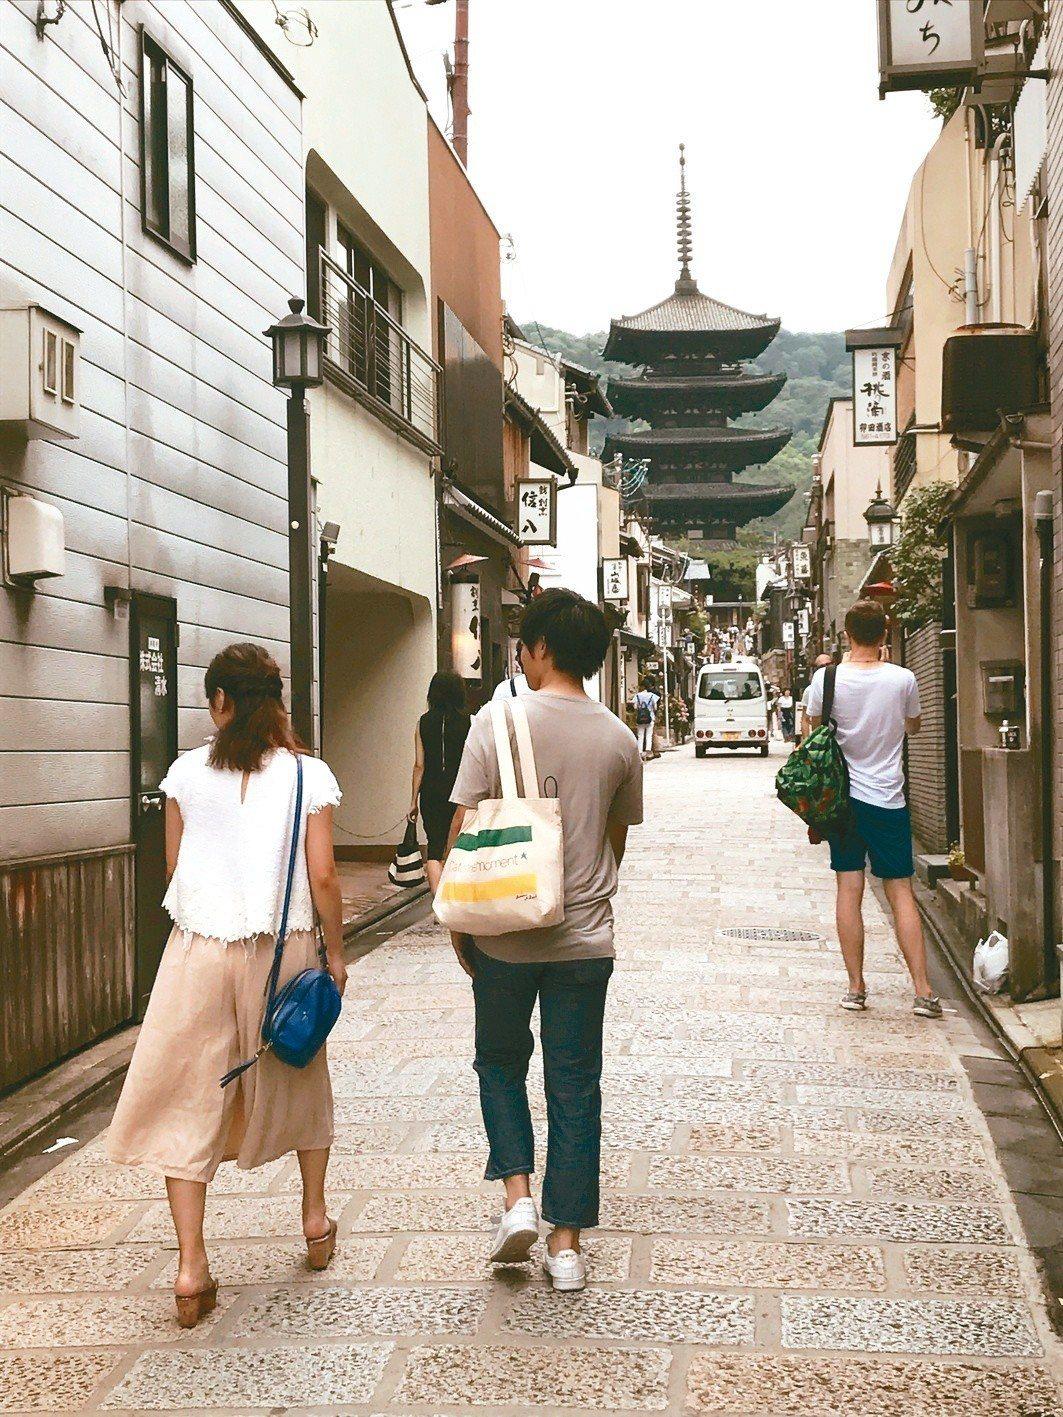 京都需要多次尋訪,才能真正領略她的美。(圖/李清志提供)